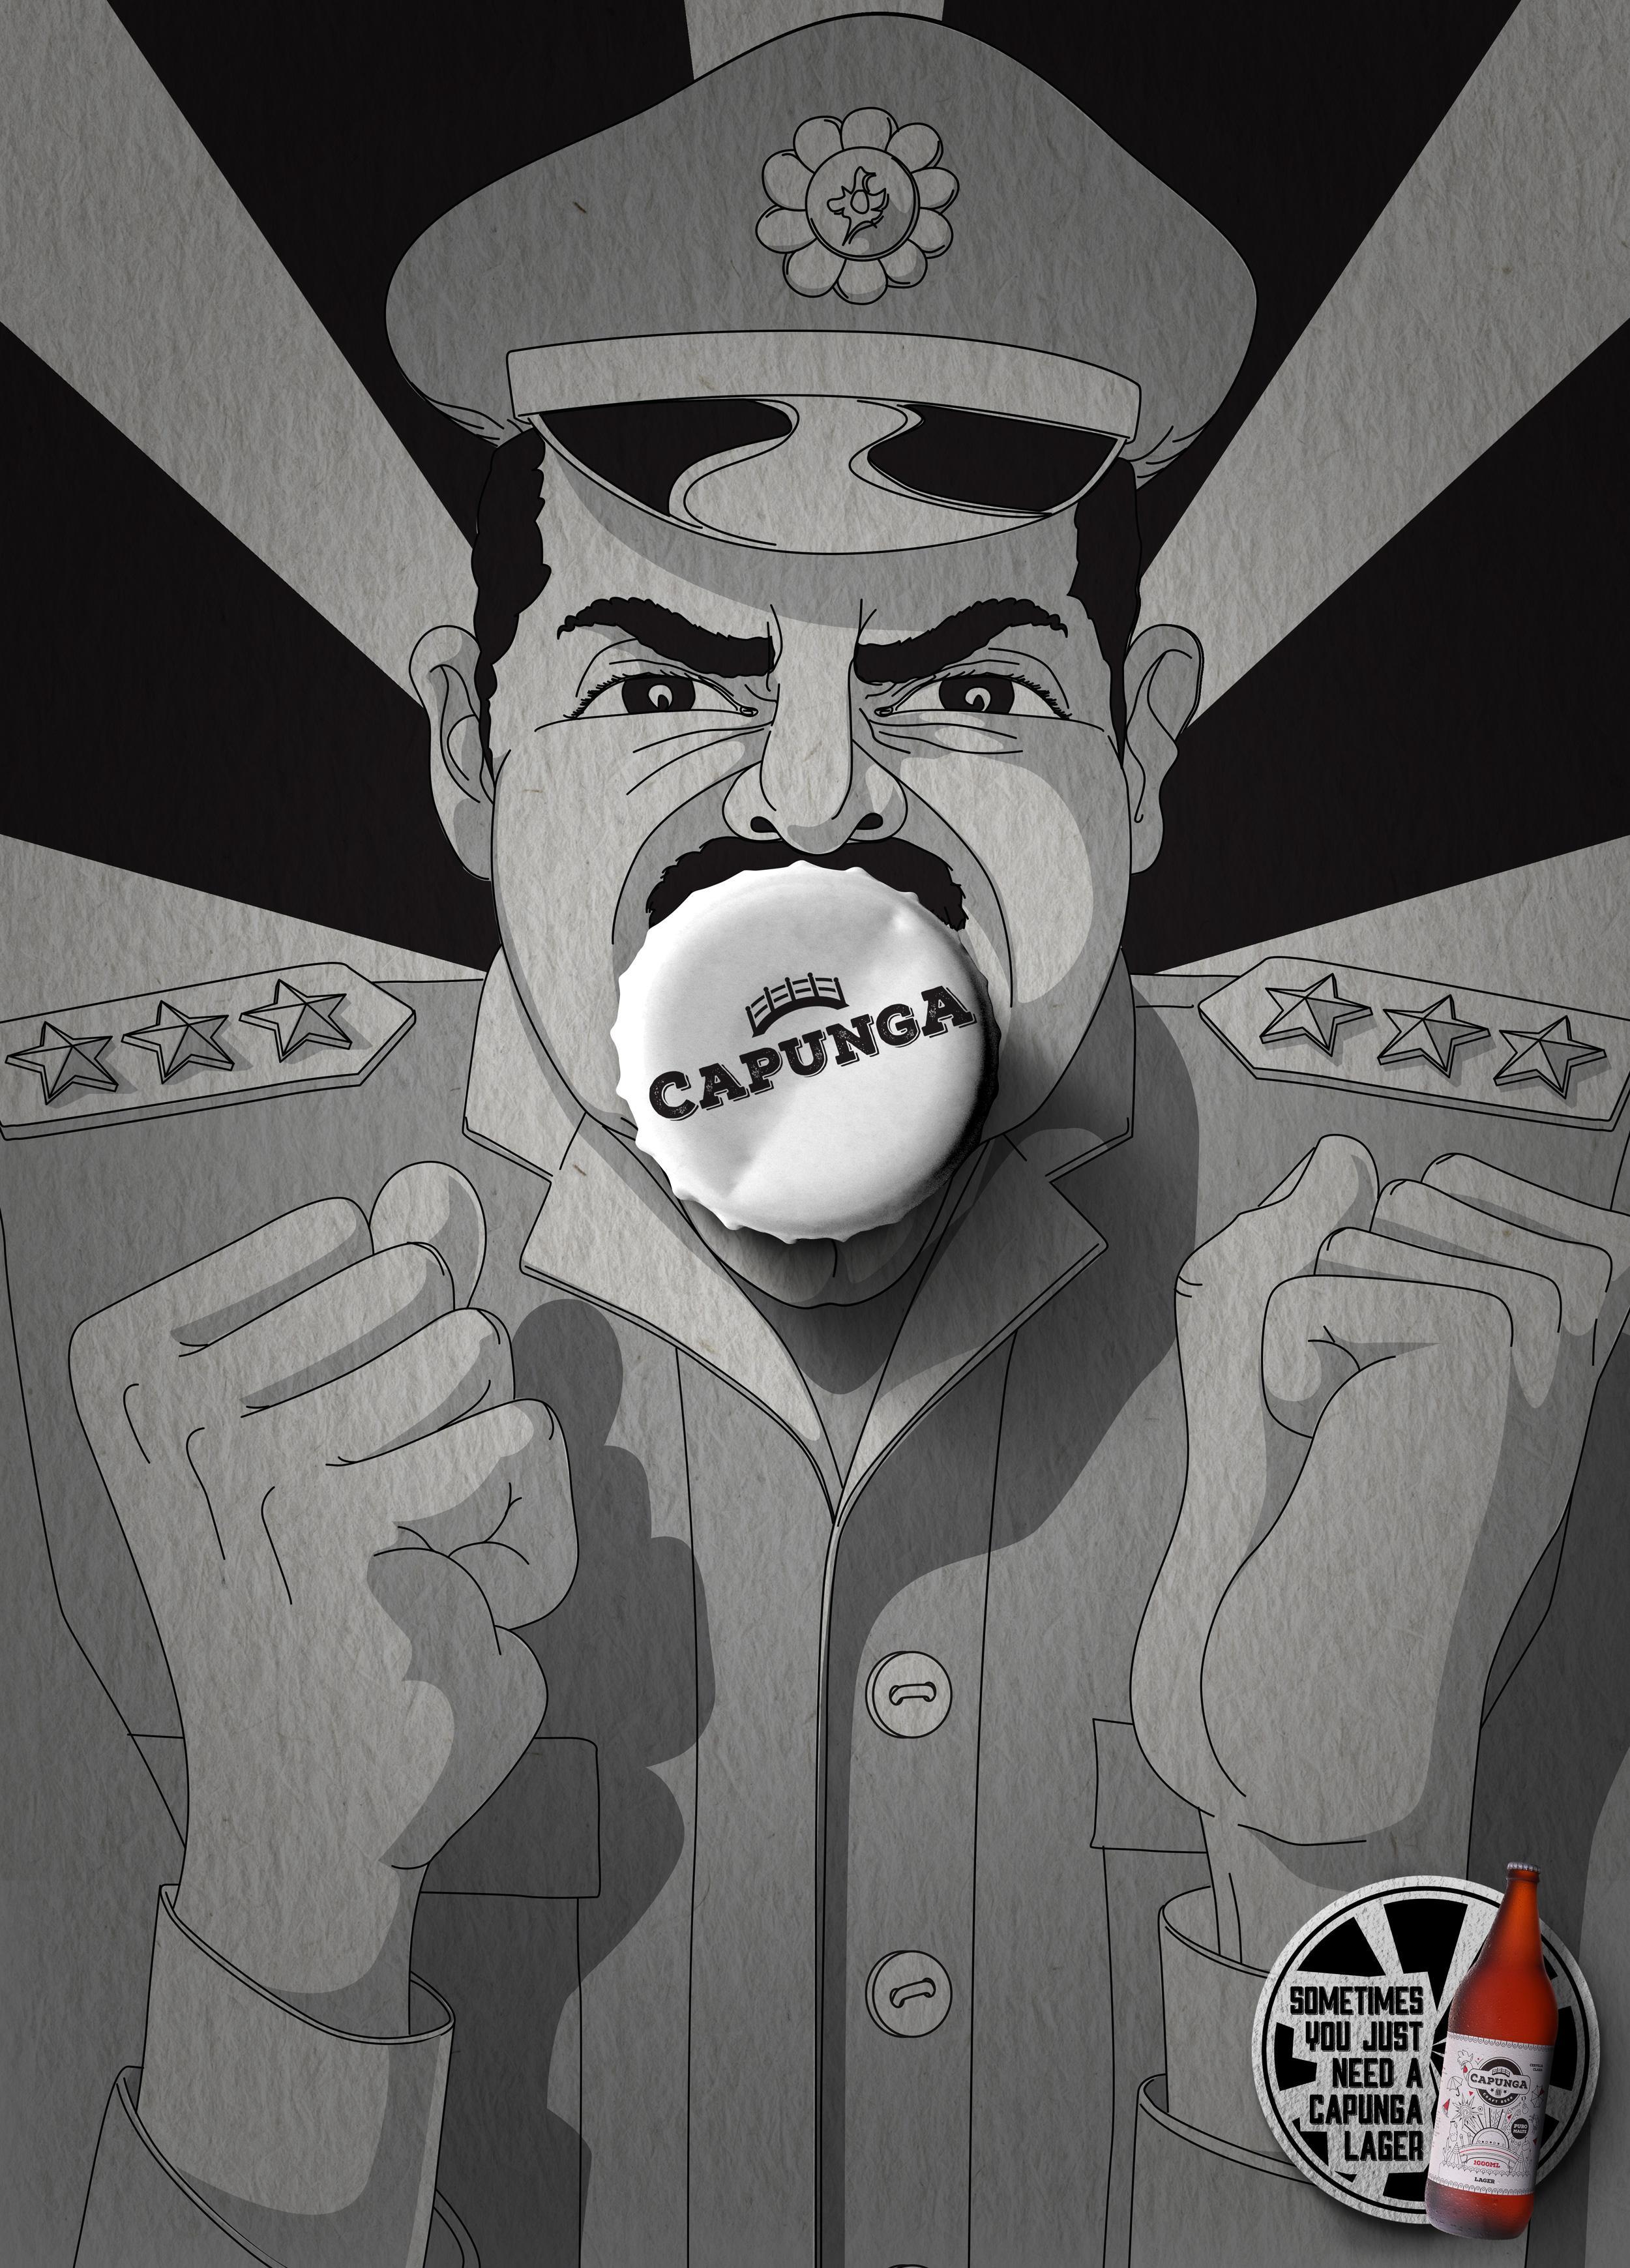 Capunga Craft Beer Print Ad - Military